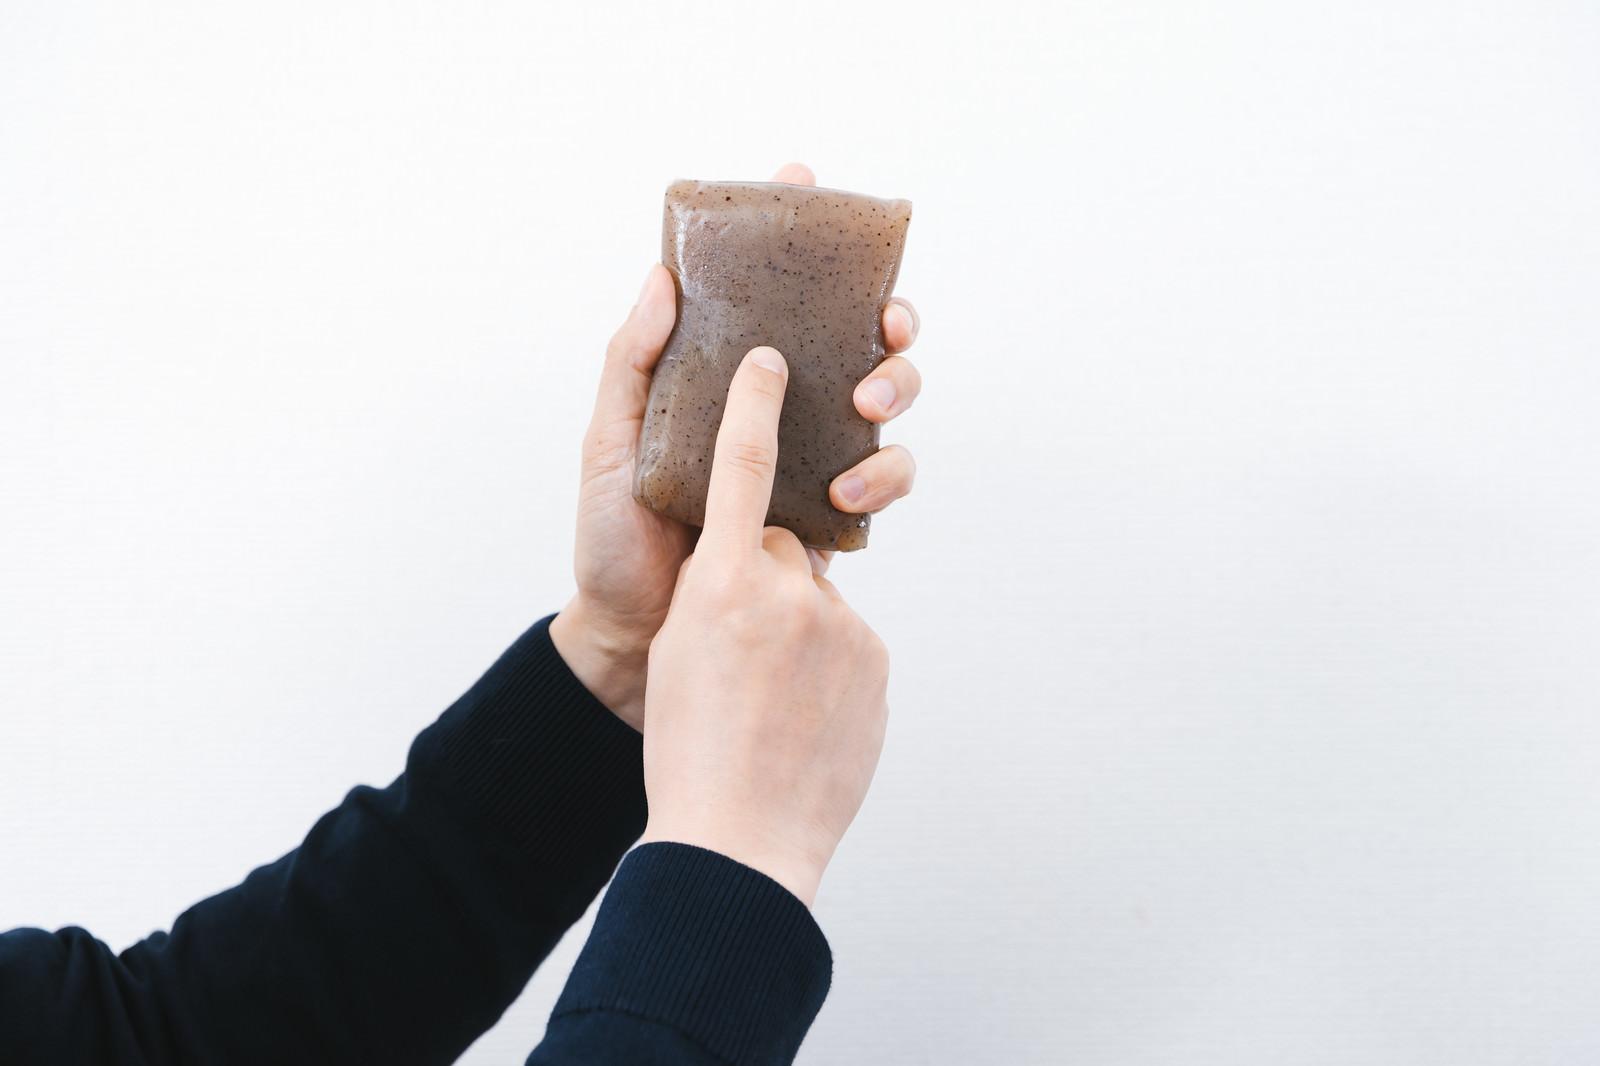 「こんにゃくのツボを指さす男性」の写真[モデル:大川竜弥]